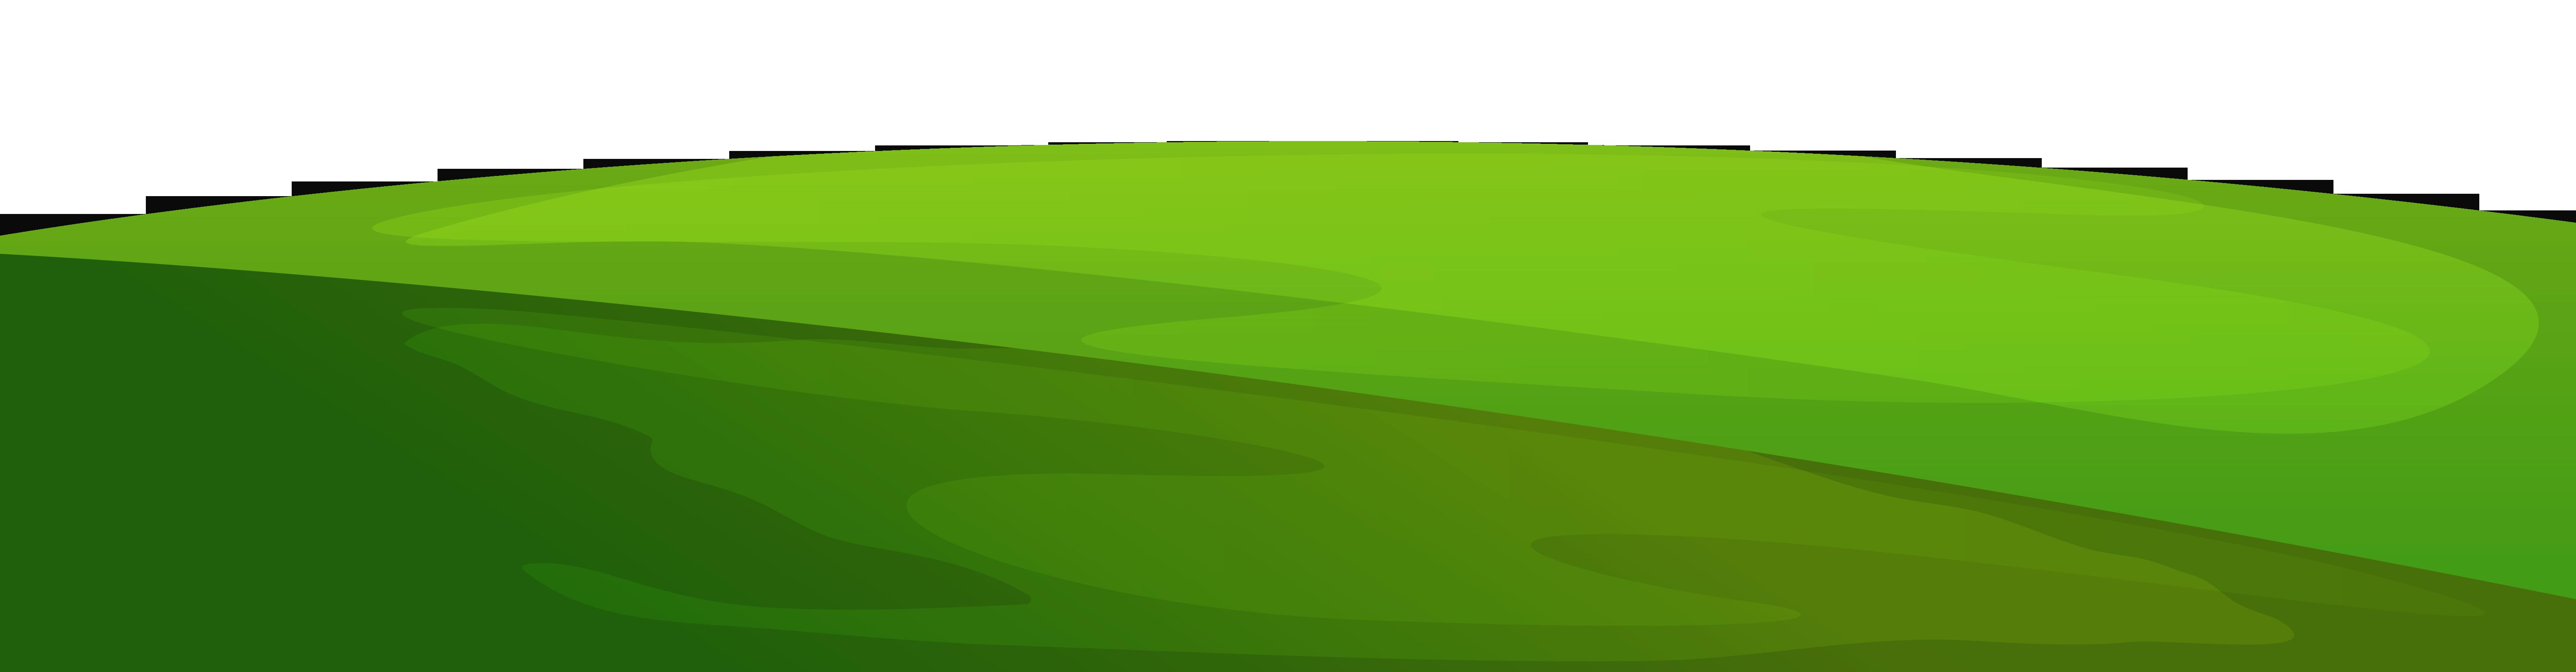 Clipart Green Grass.